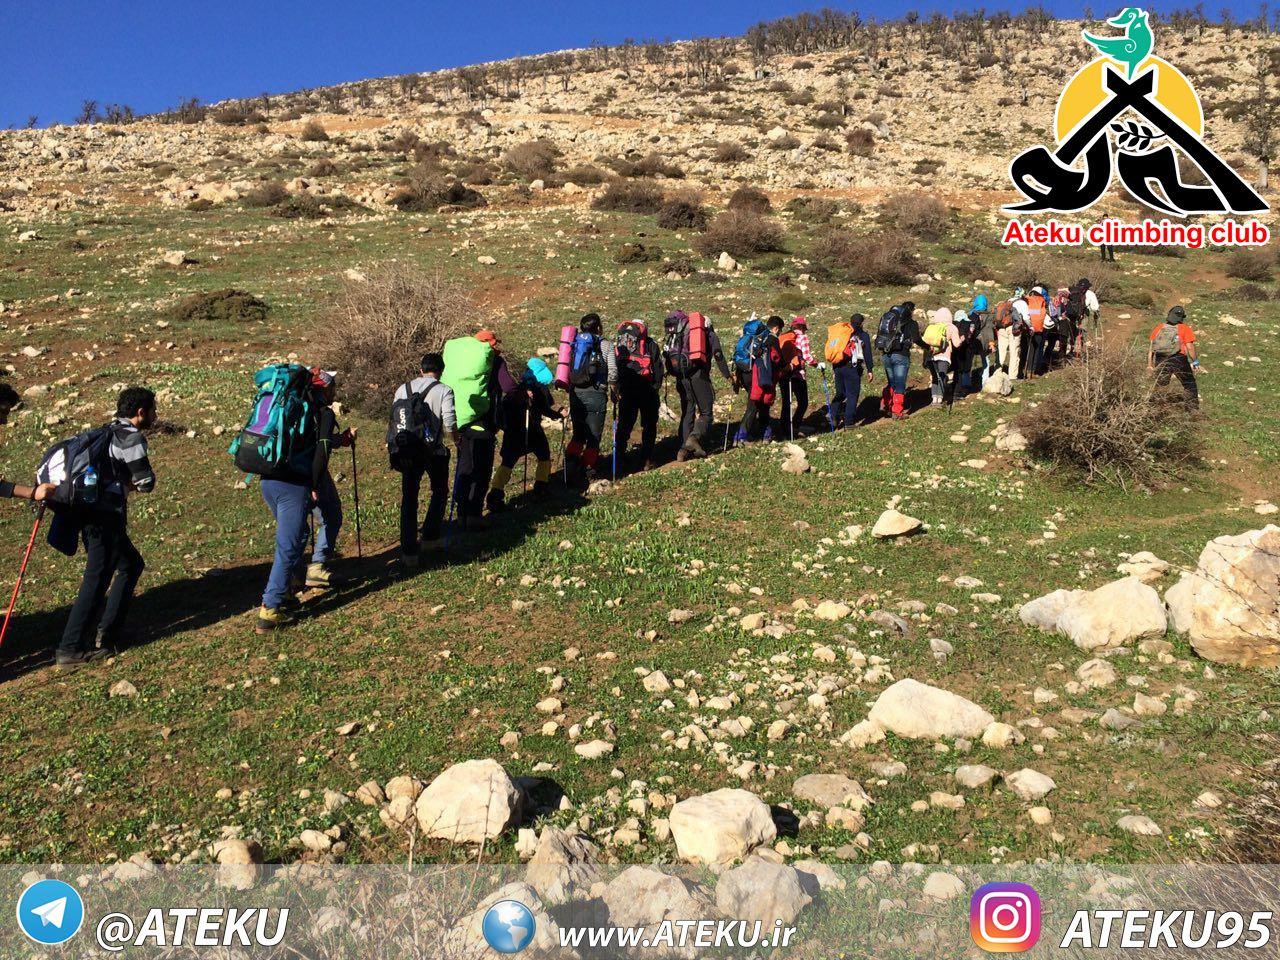 باشگاه-کوه-نوردی-اته-کو-قله-درفک-شاه-شهیدان (14)